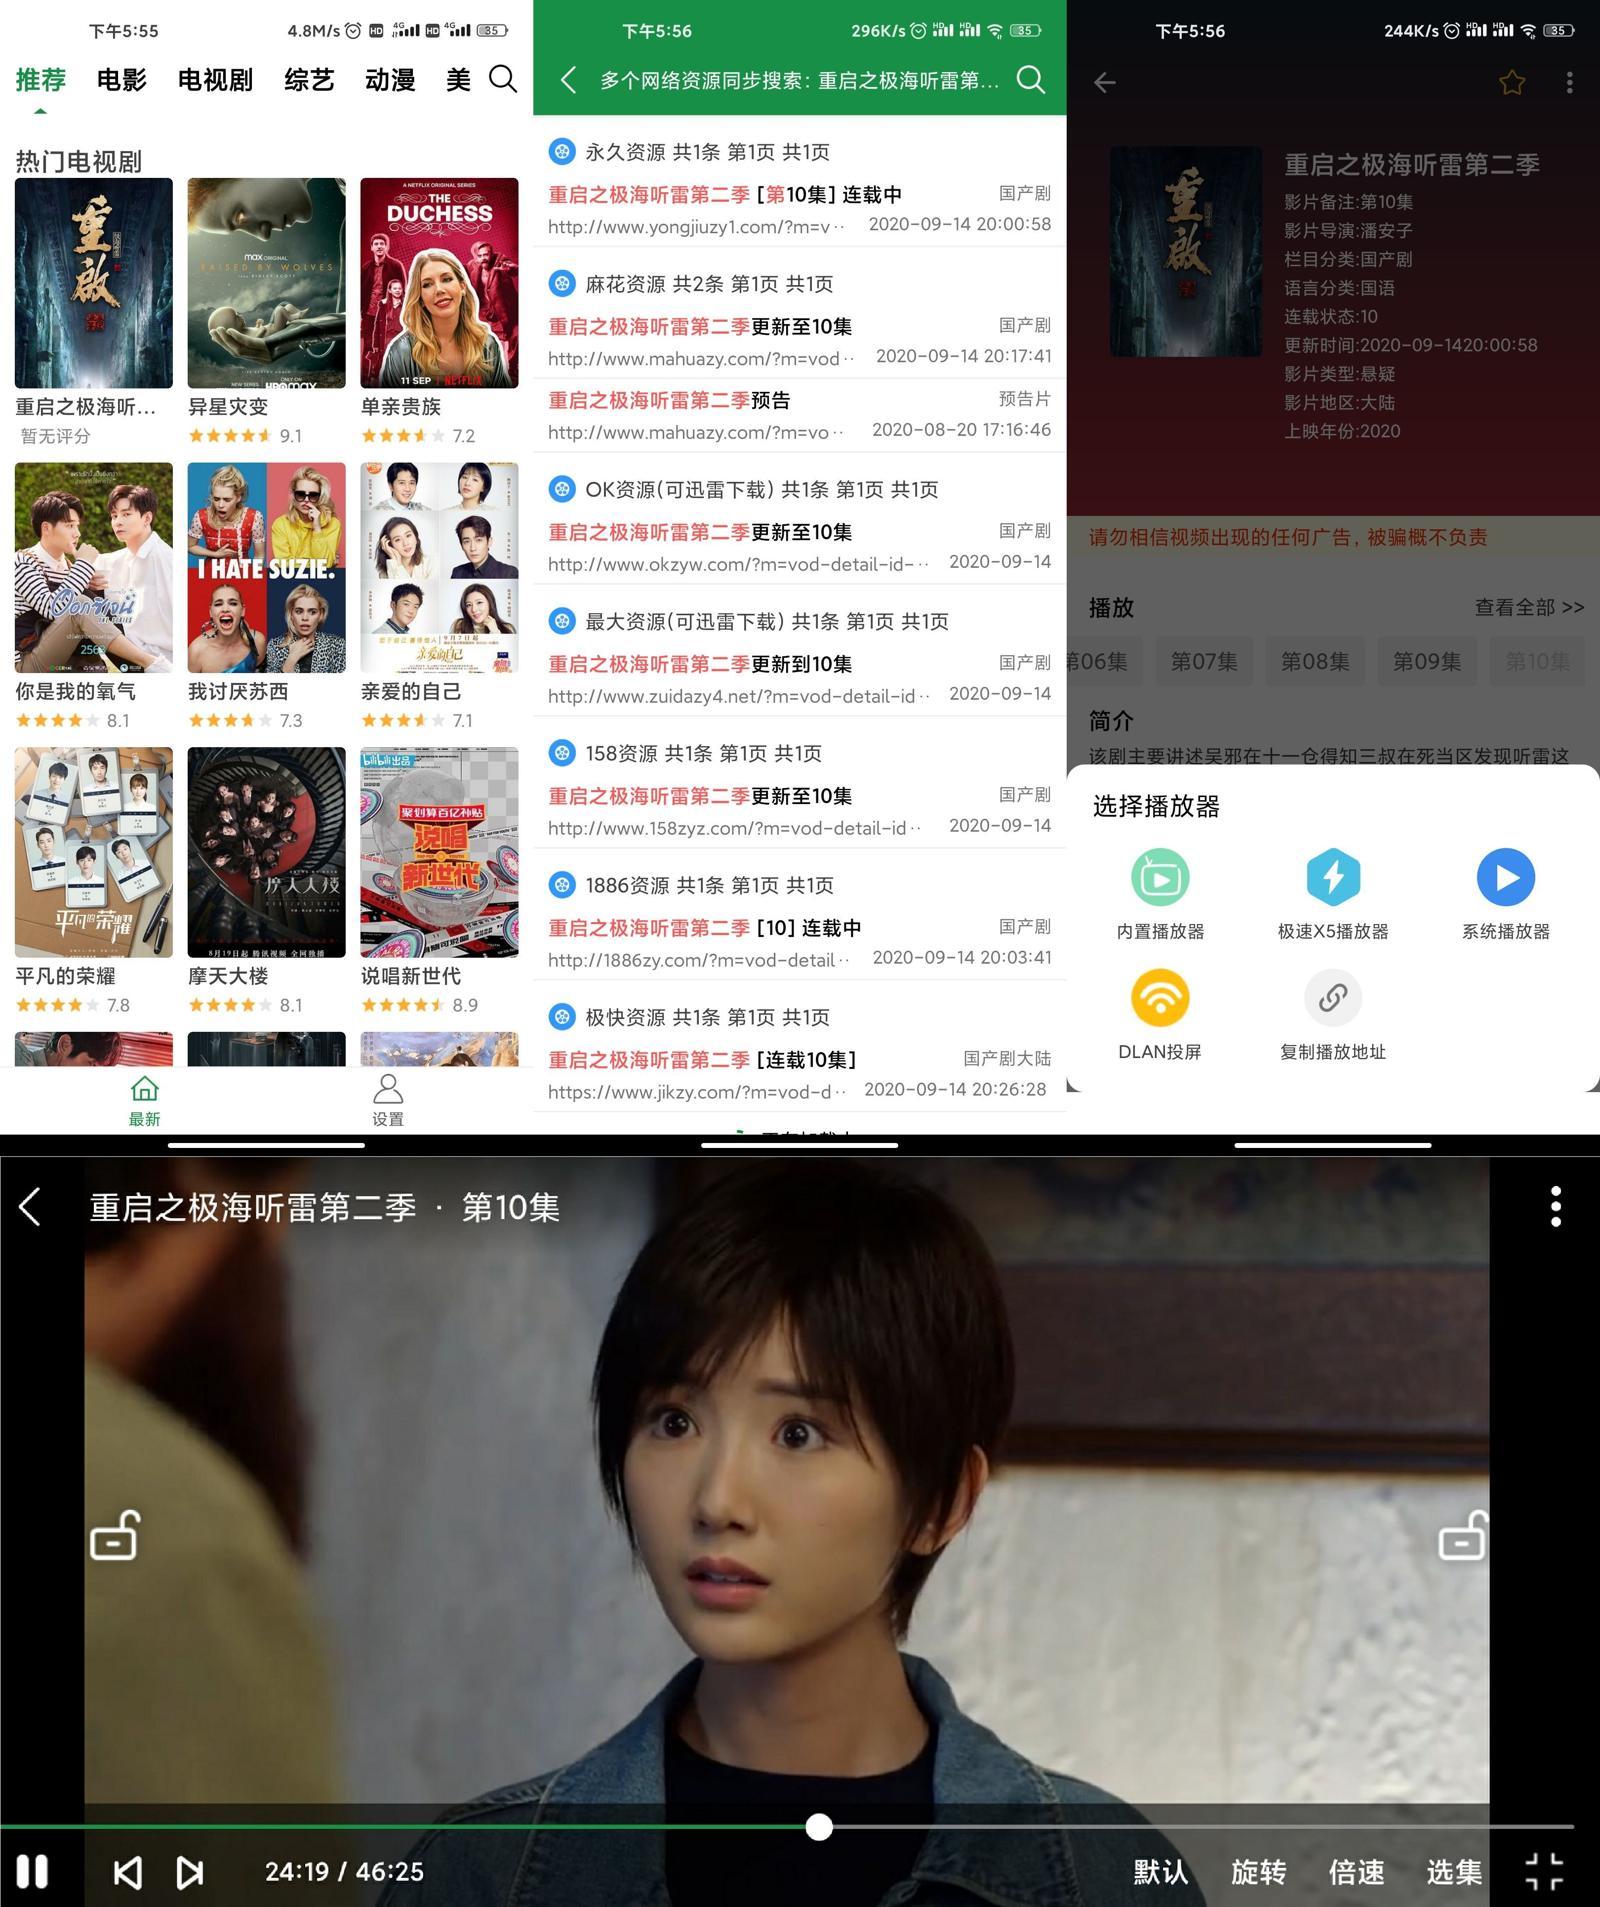 安卓电影迷v2.5去广告版